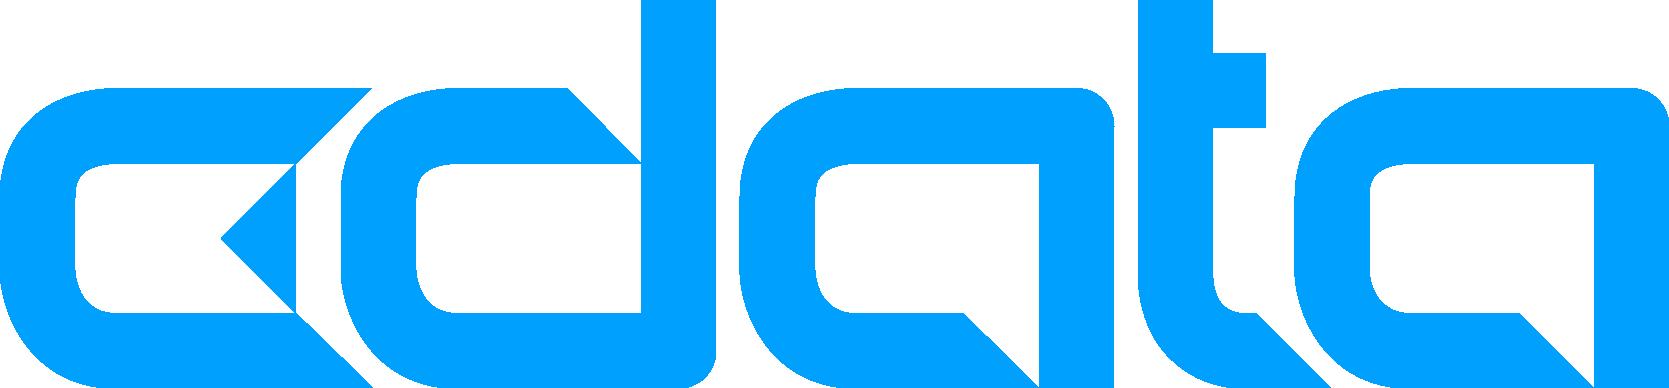 CData_logo_large_transp-tc3rl6a5oq.png